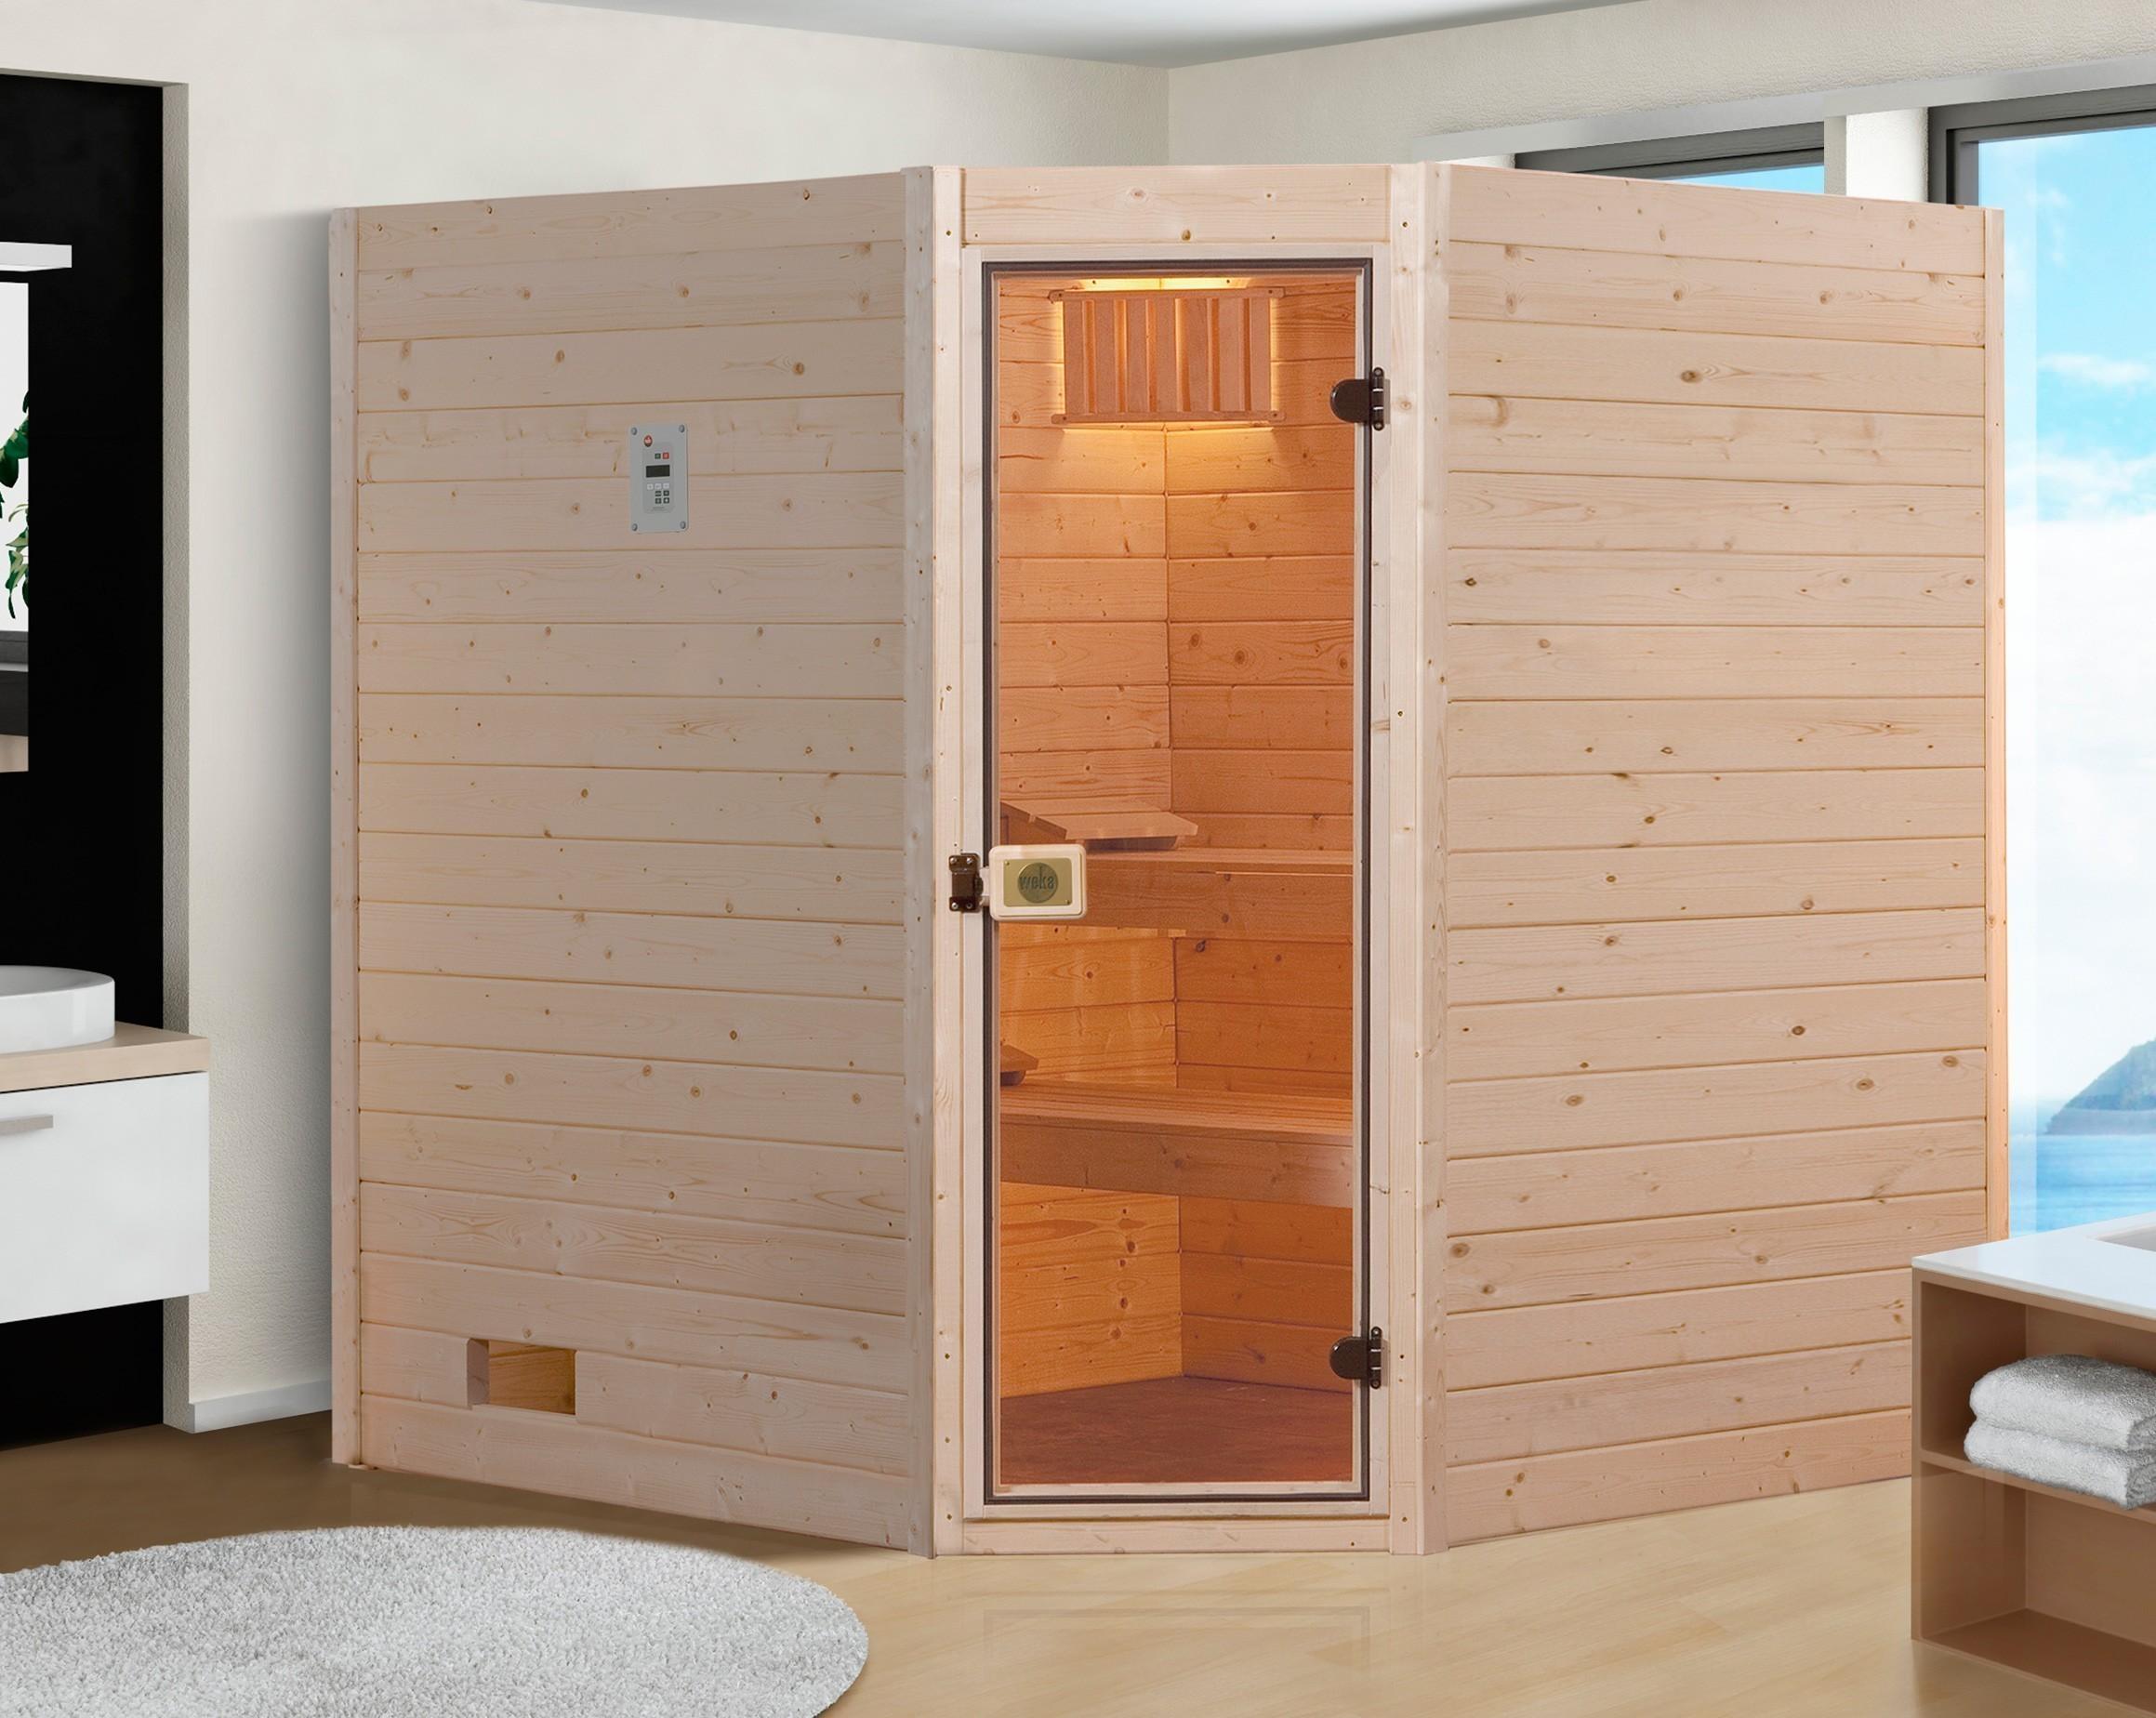 weka sauna 539 gt gr 2 38 mm ohne ofen bei. Black Bedroom Furniture Sets. Home Design Ideas